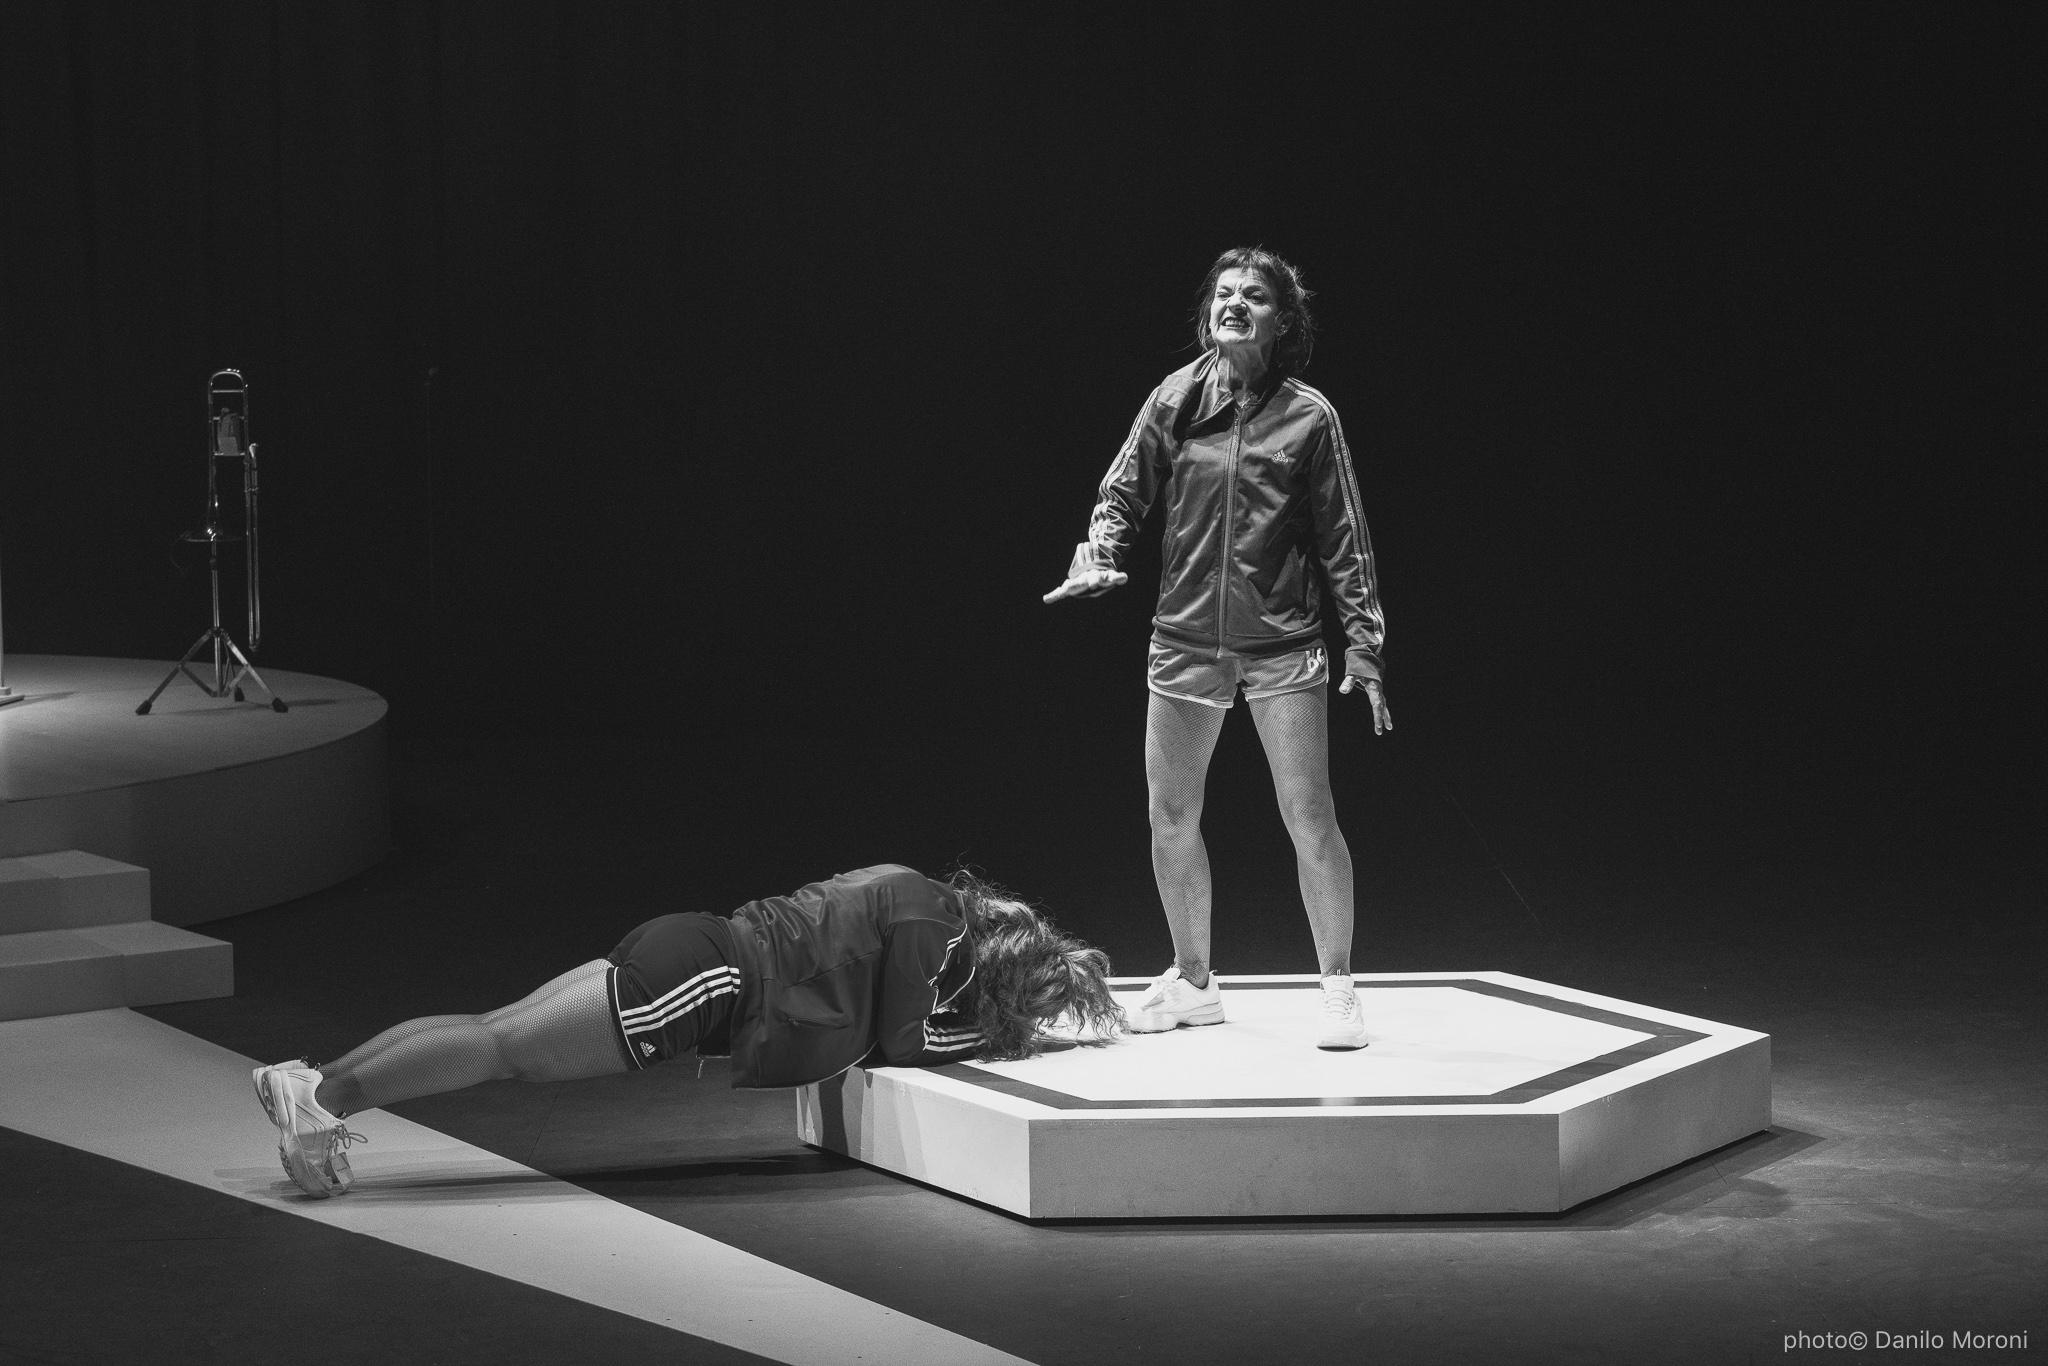 Teatro-en-vilo-Circo-Price-Miss-Mara-photo-Danilo-Moroni-212.jpg